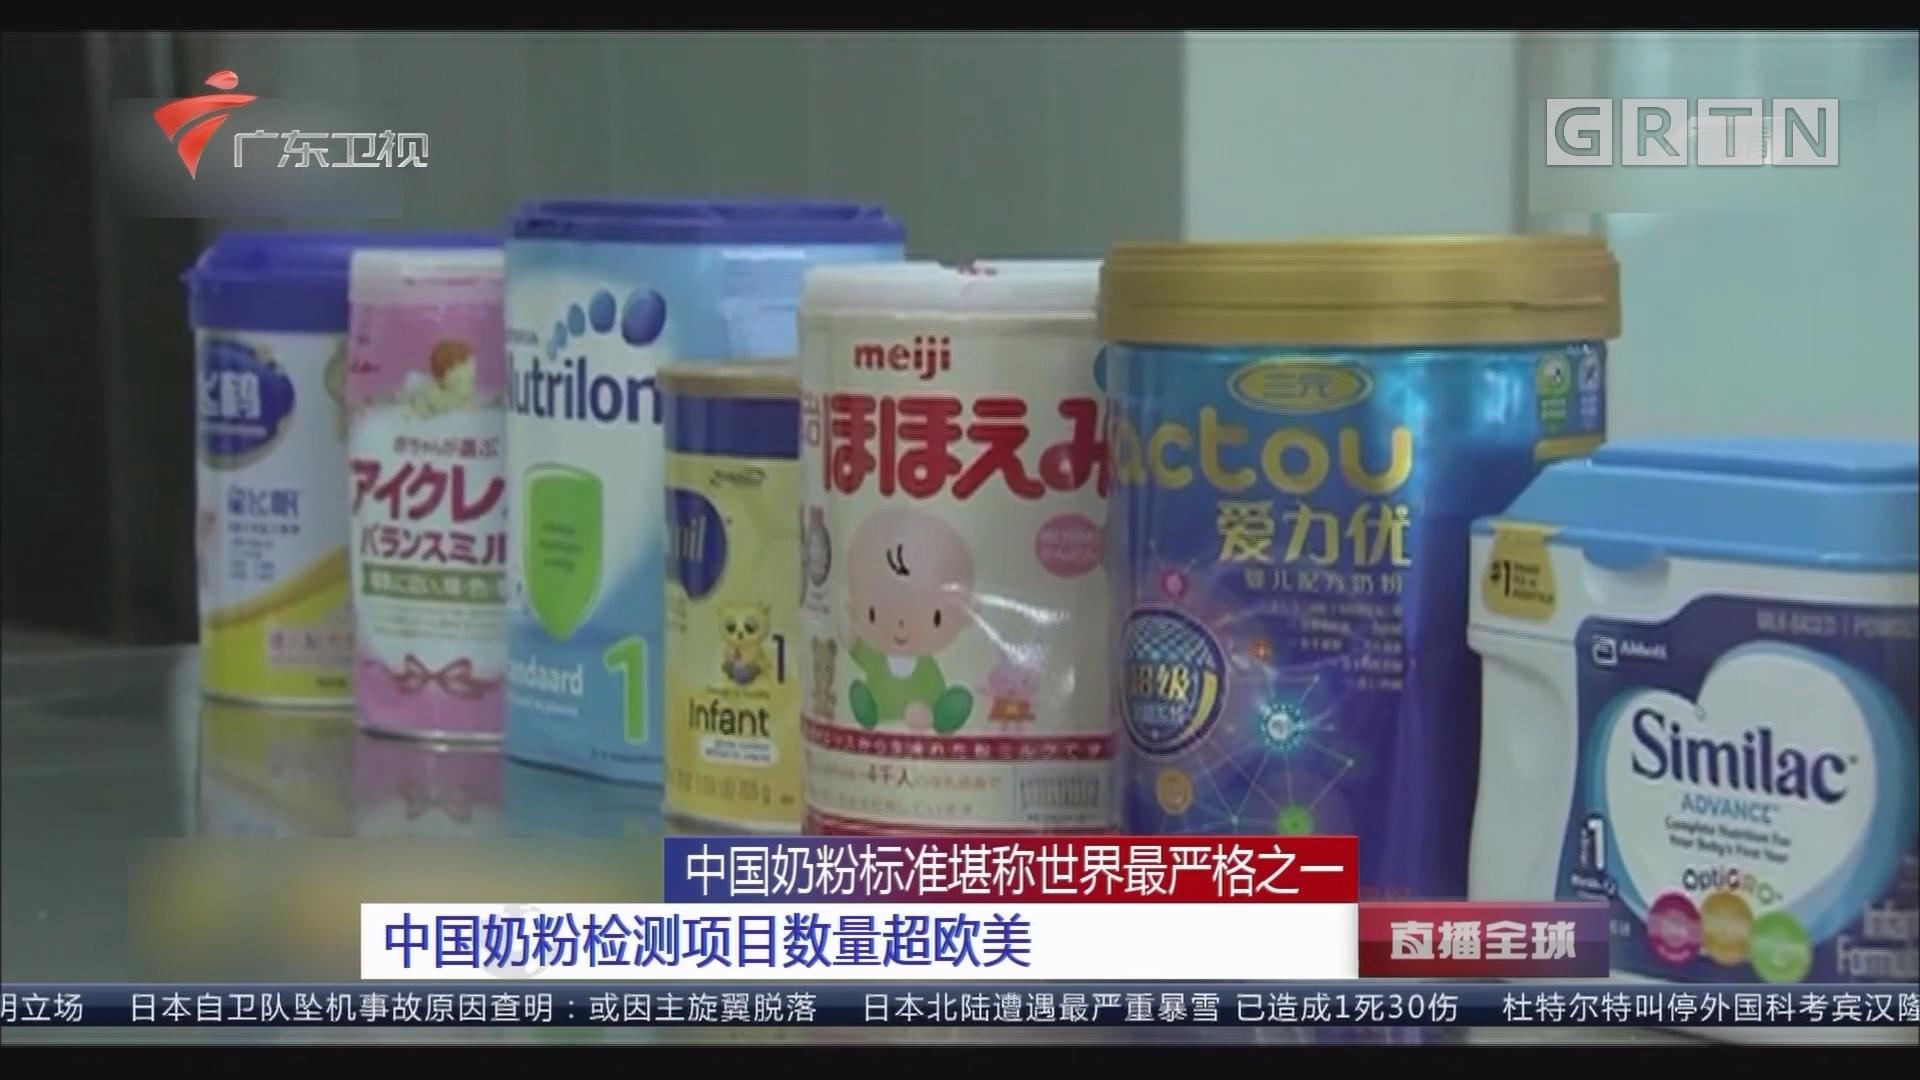 中国奶粉标准堪称世界最严格之一:中国奶粉检测项目数量超欧美